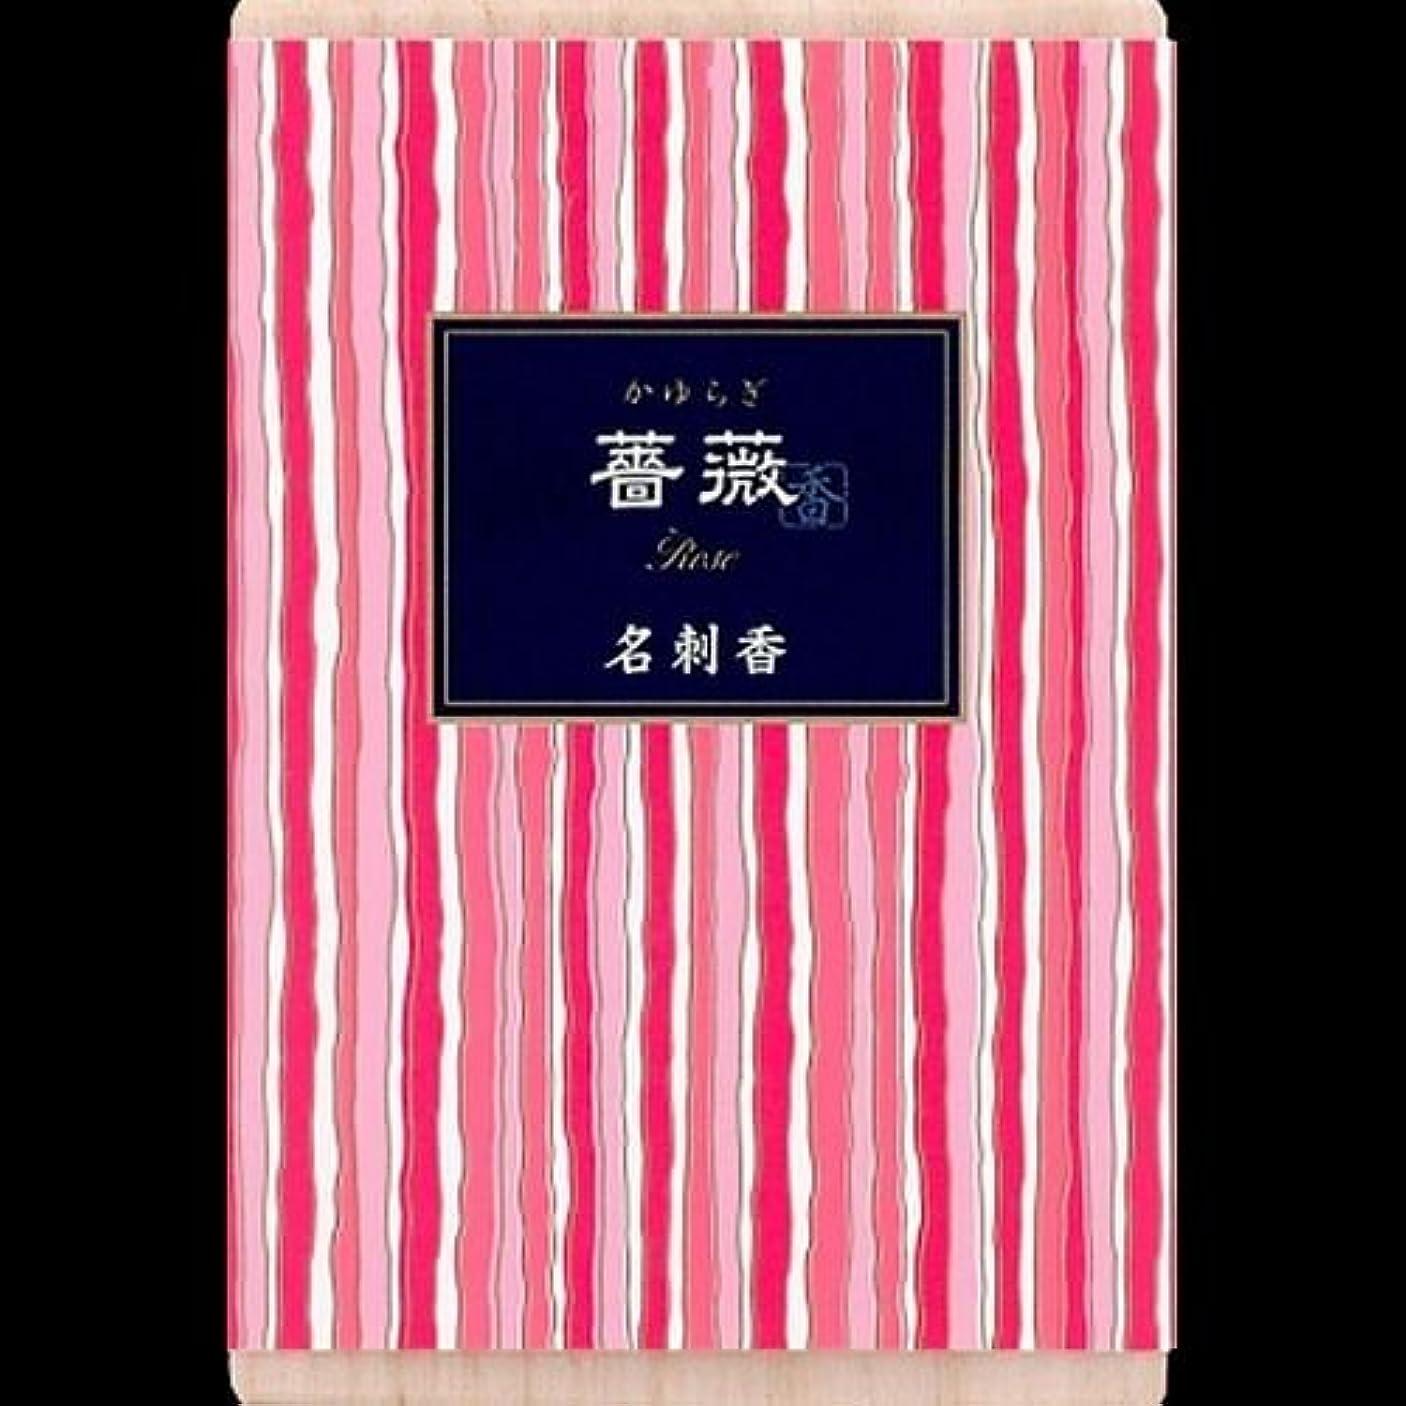 愛導体感覚【まとめ買い】かゆらぎ 薔薇 名刺香 桐箱 6入 ×2セット